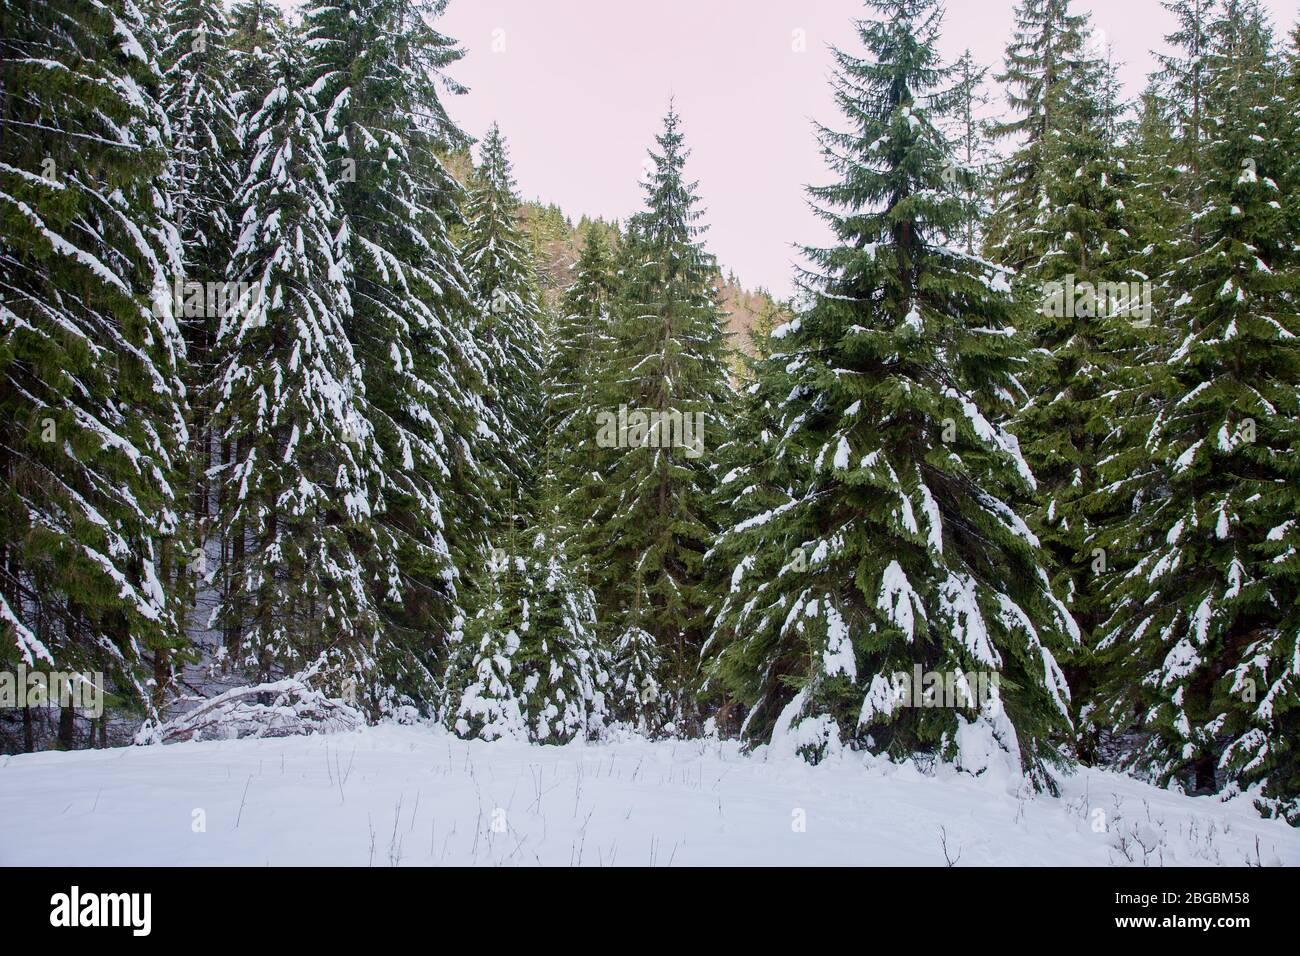 Bosque de piceas cubierto de nieve durante el invierno bajo el pico Salatín, Eslovaquia Foto de stock